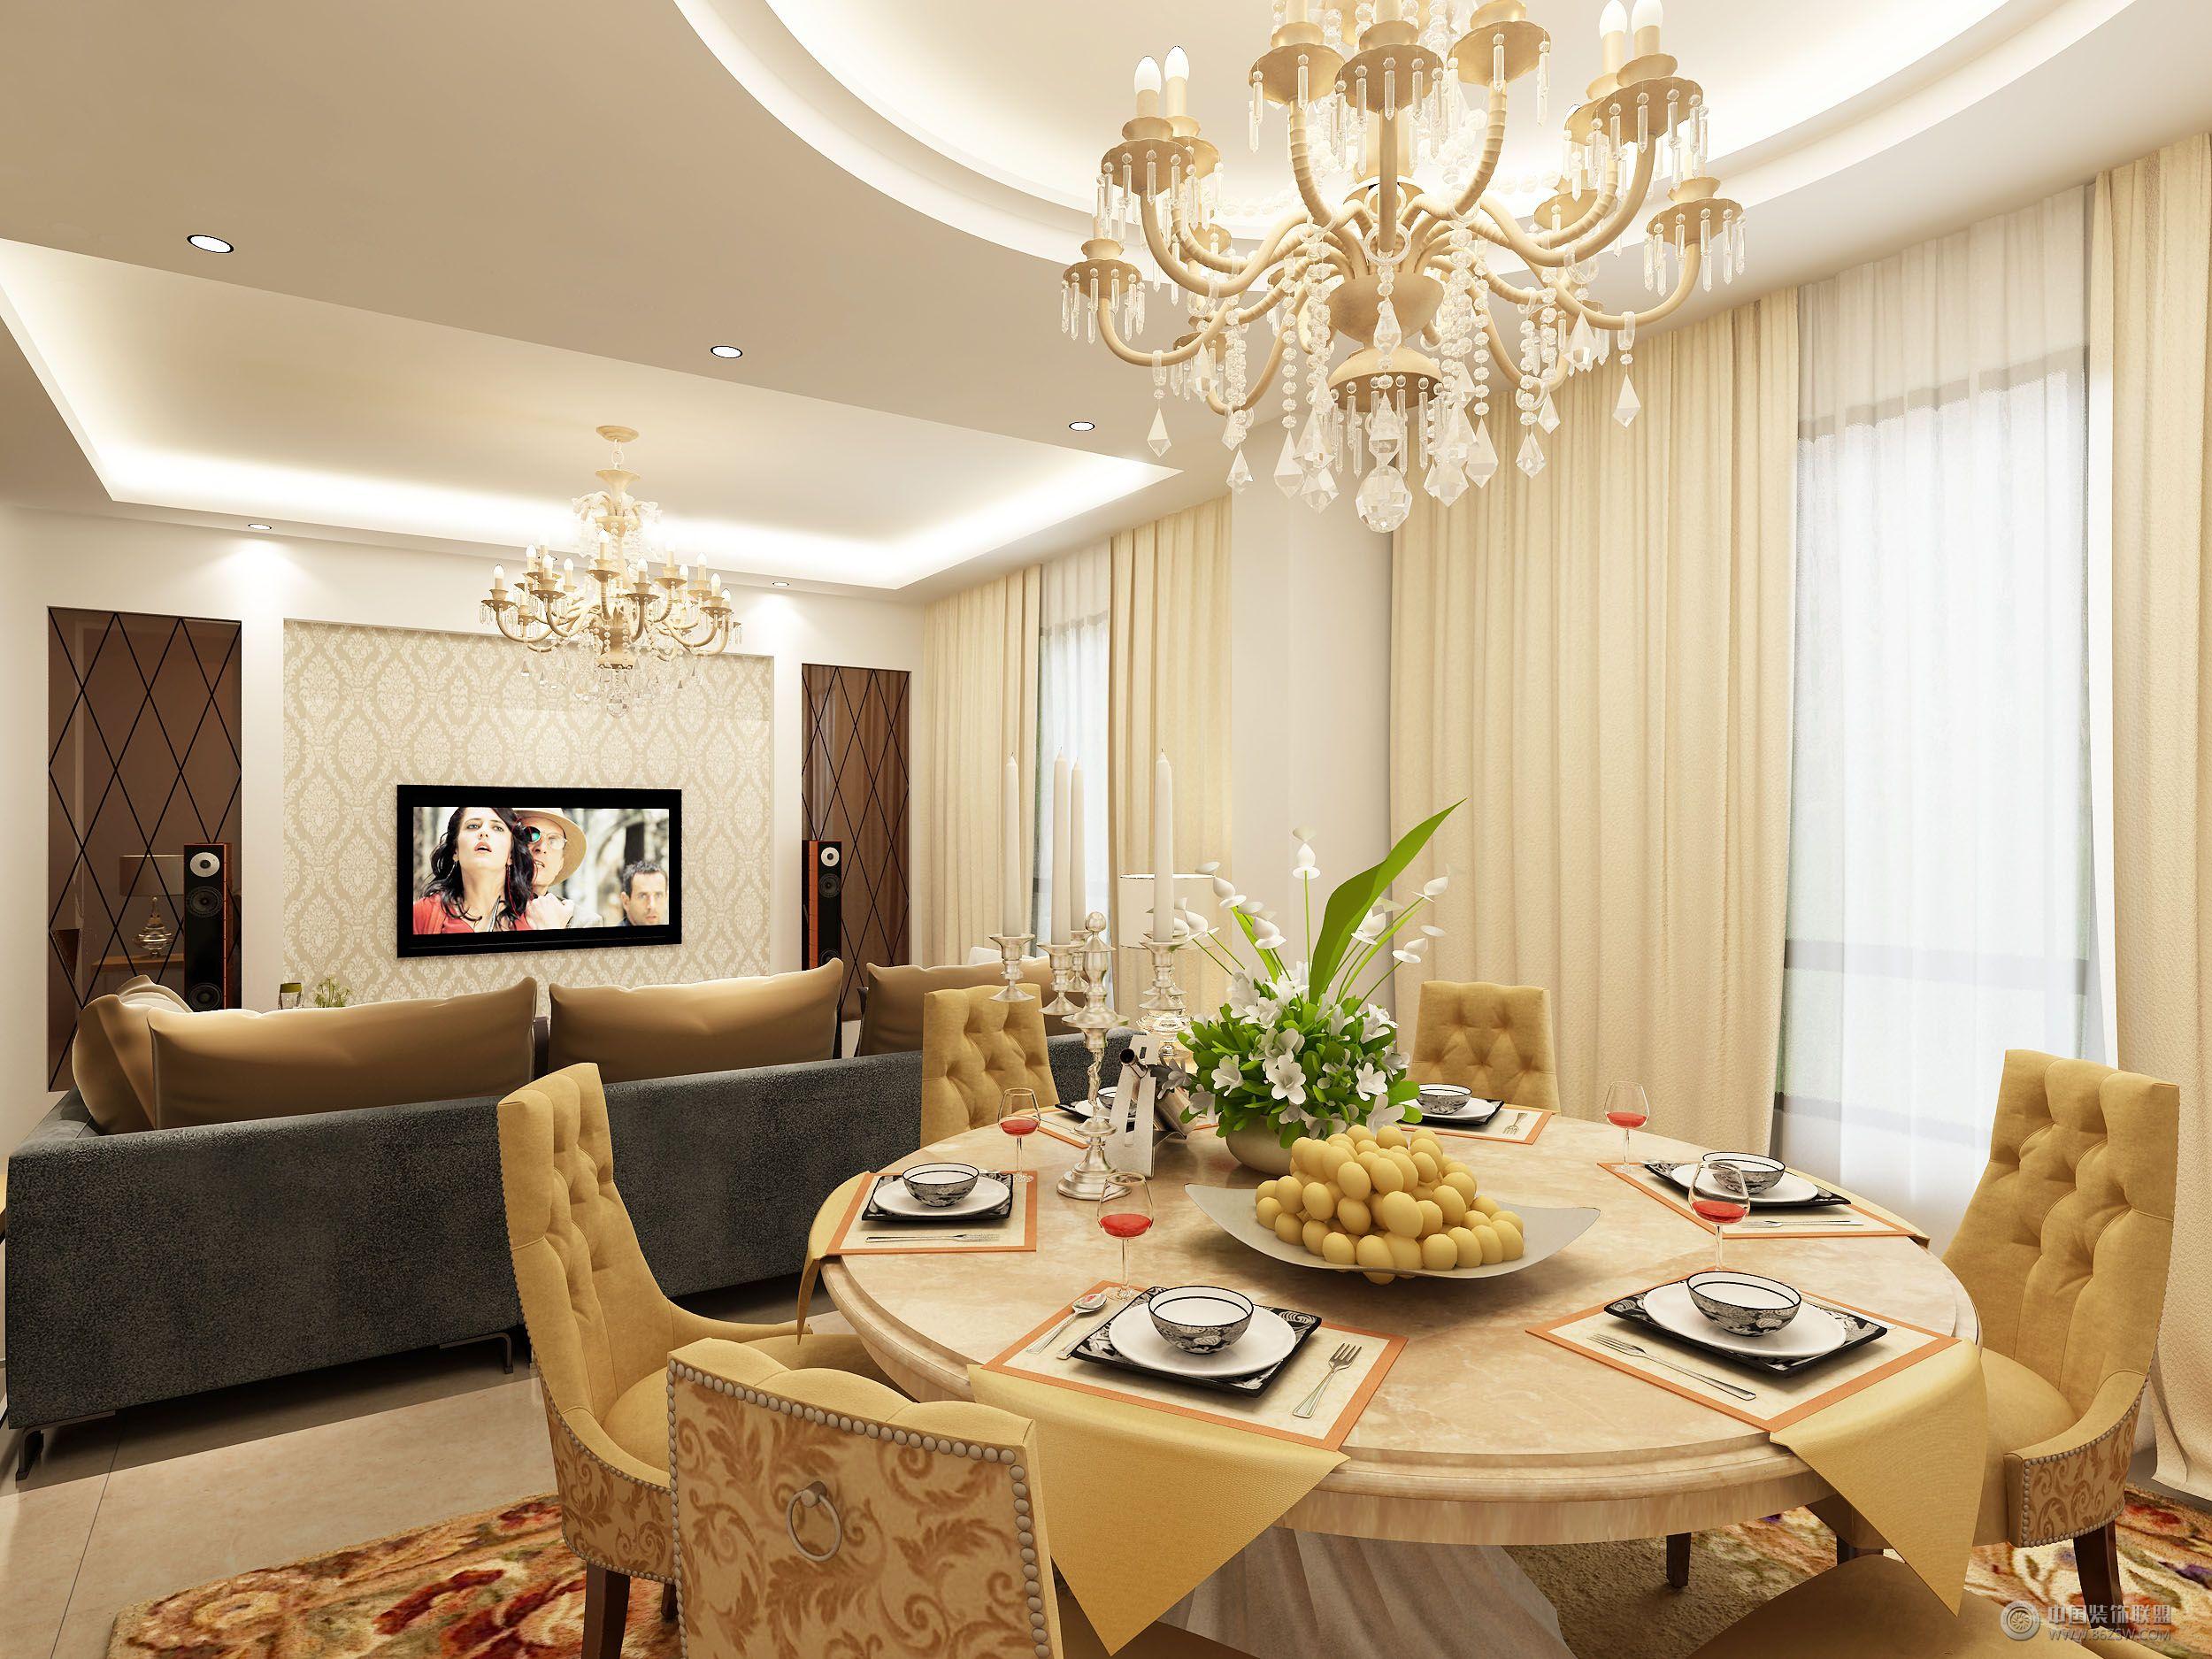 君悦东方欧式客厅装修图片